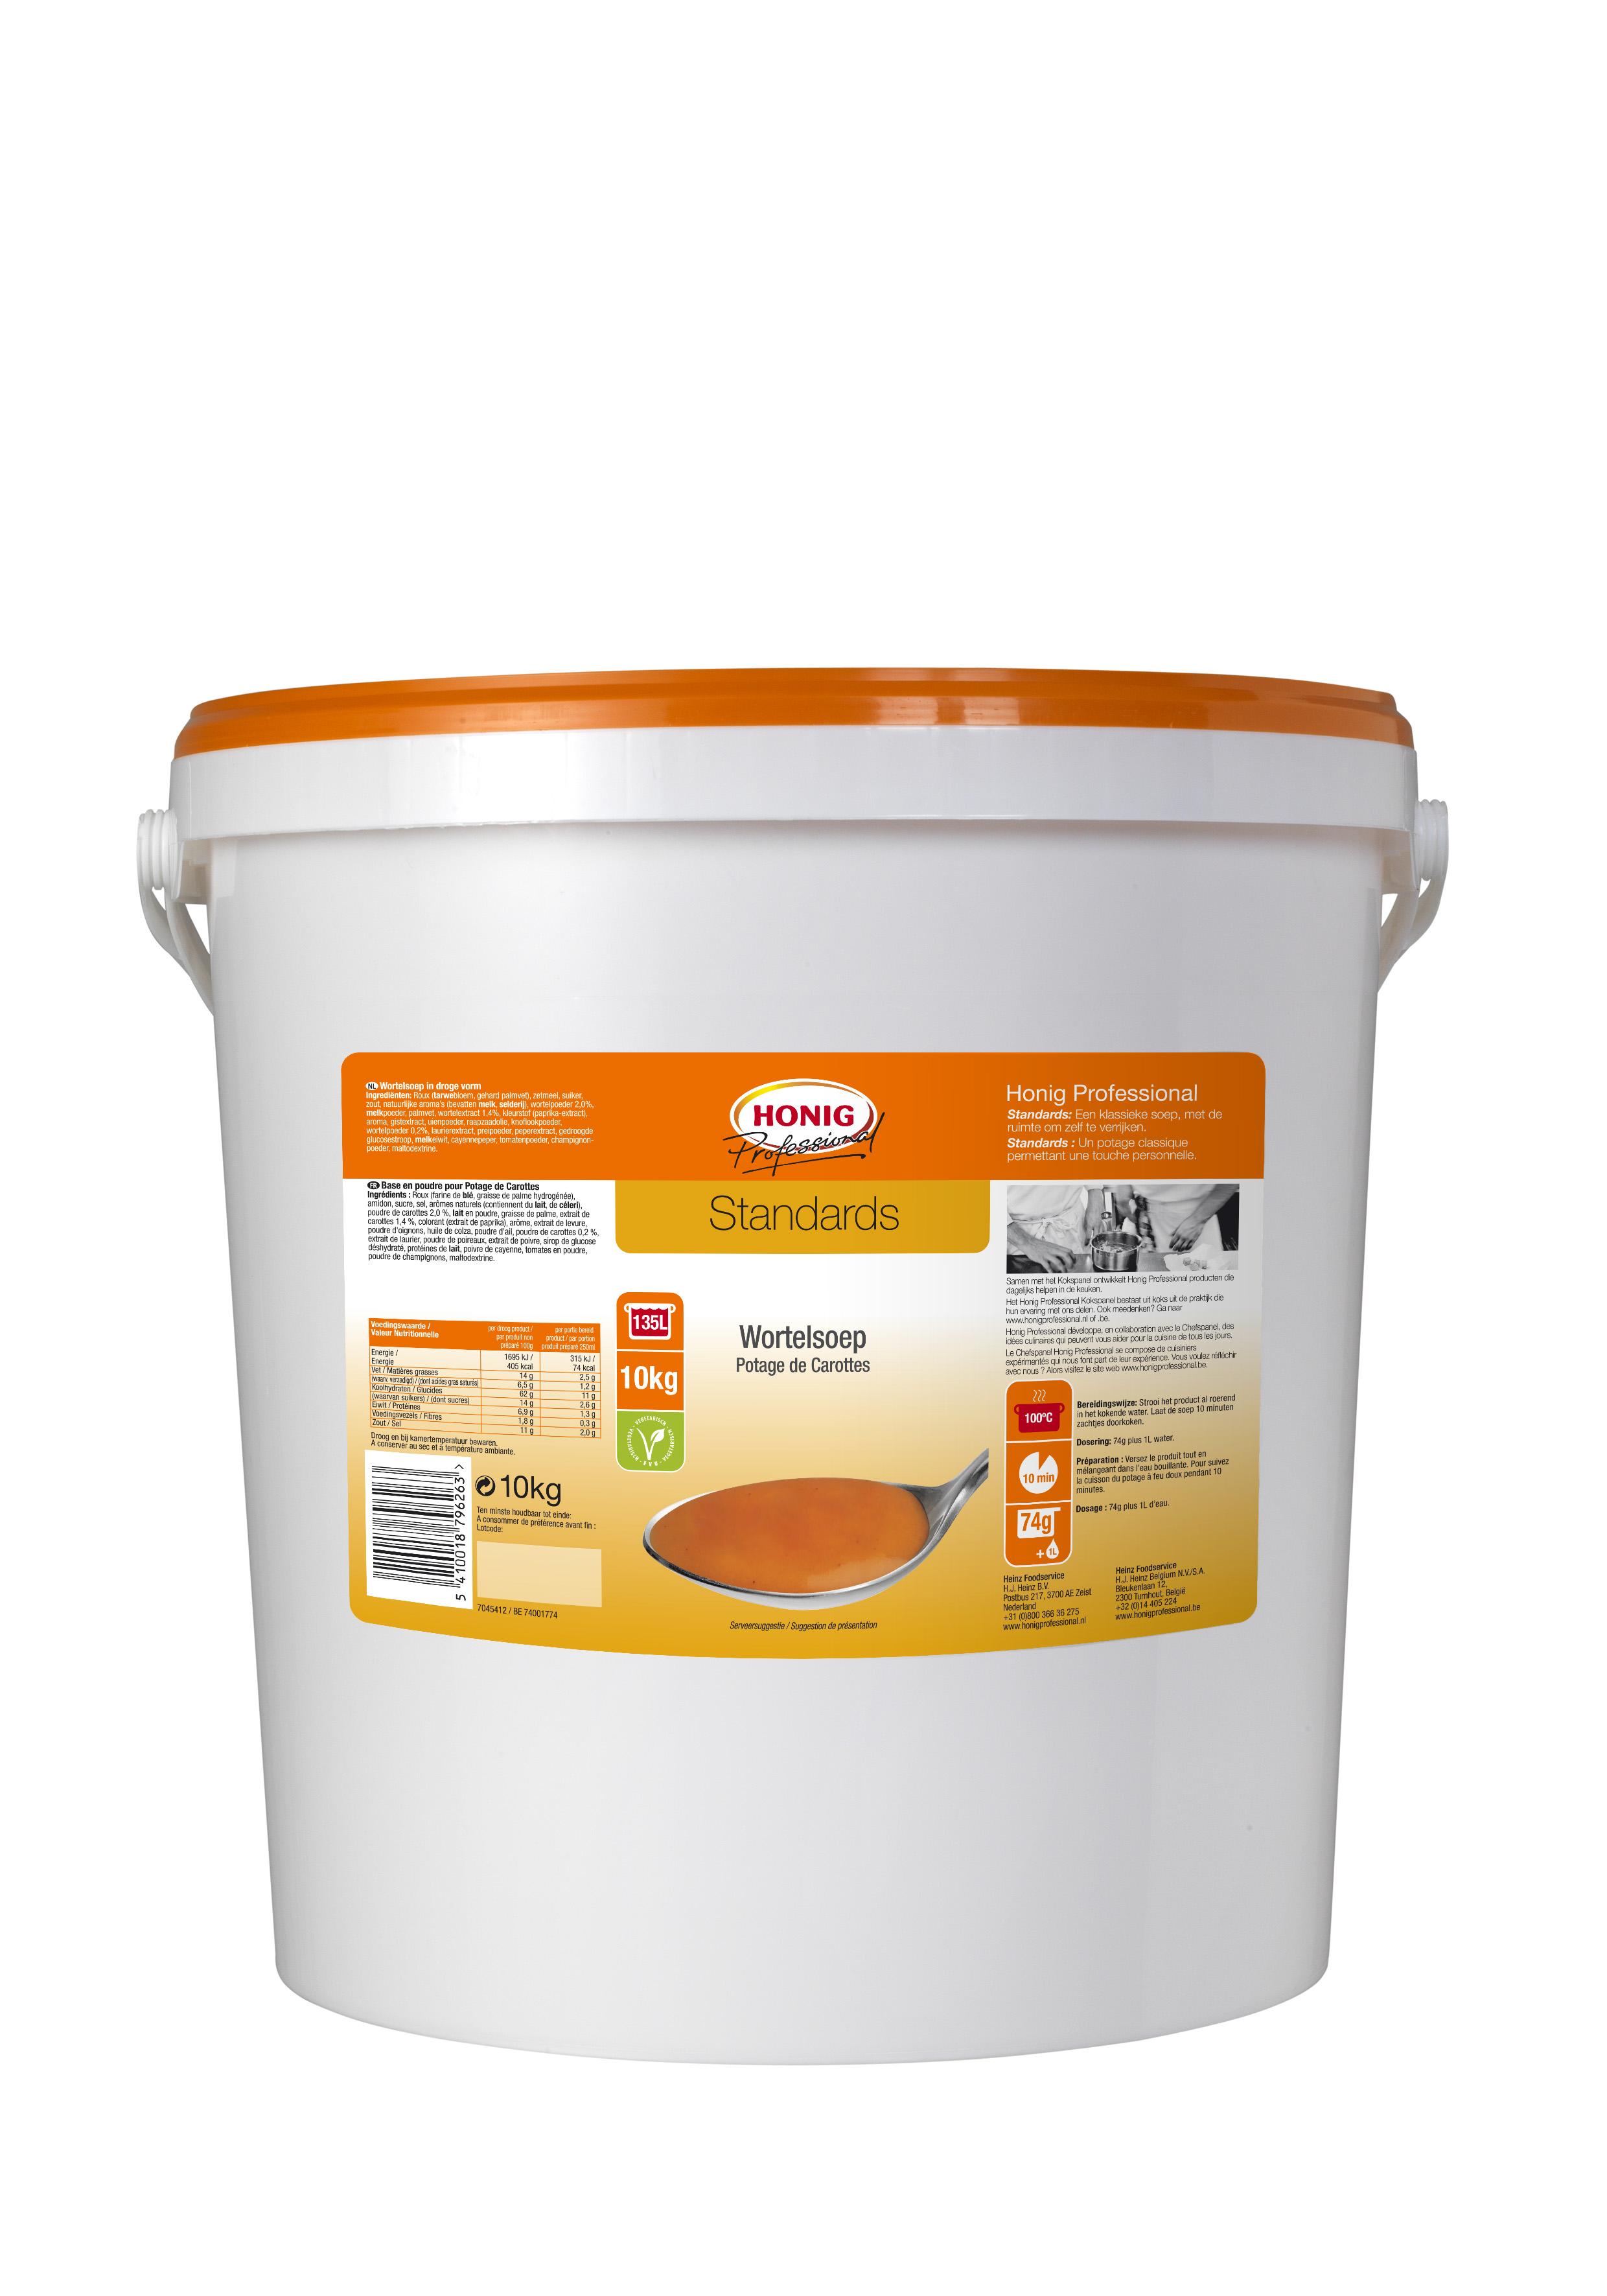 Honig For Professional Potage De Carottes 10L image